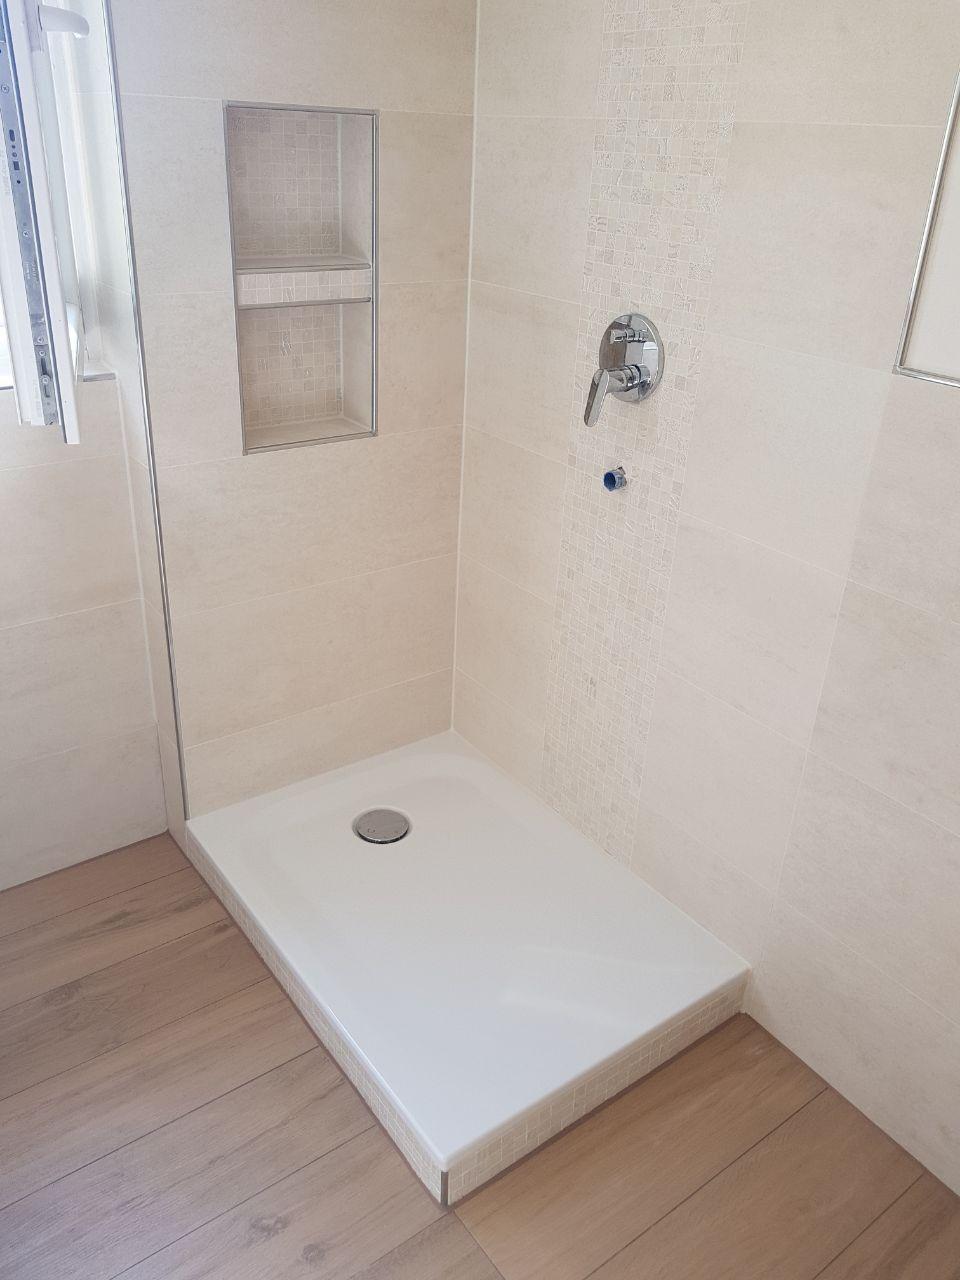 Badezimmer Gestaltung Mit Holzoptik Bodenfliesen Mosaik Und Ornamentoptik Fliesen Sowie Einbau Einer Badezimmer Badezimmer Fliesen Badezimmer Nischen